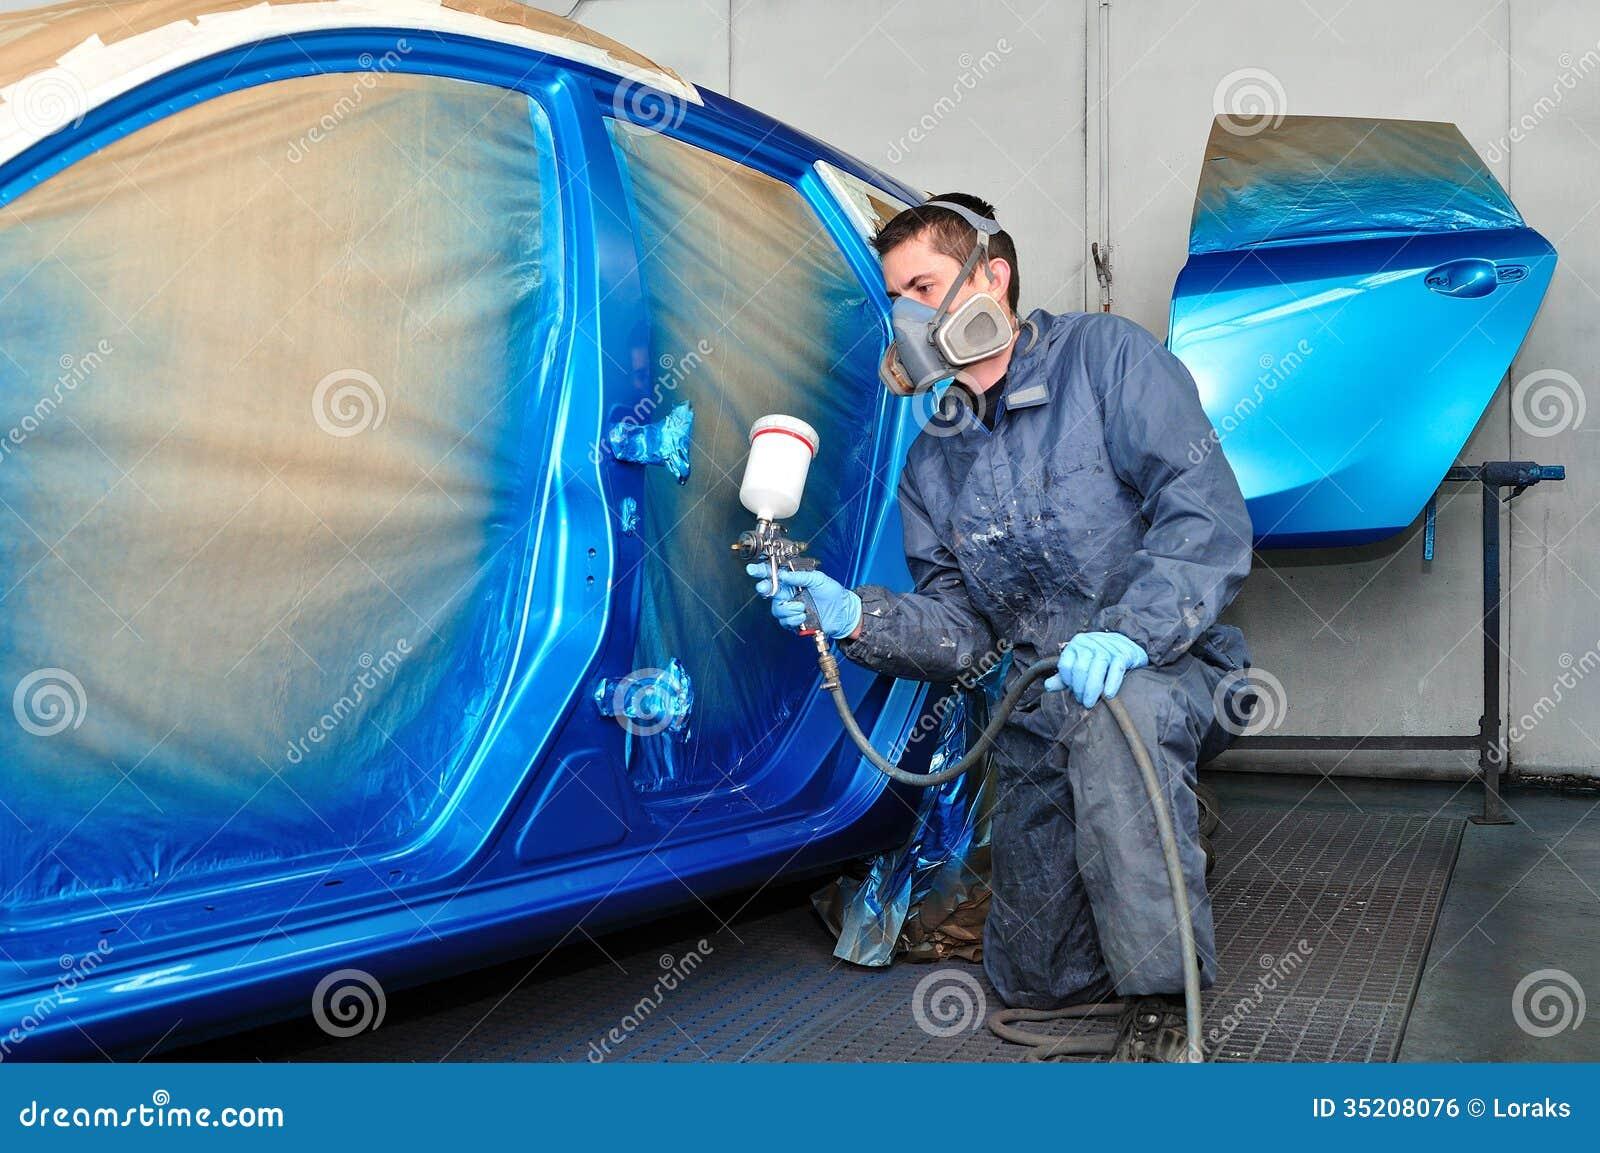 Spray Paint Can Car Paint Job